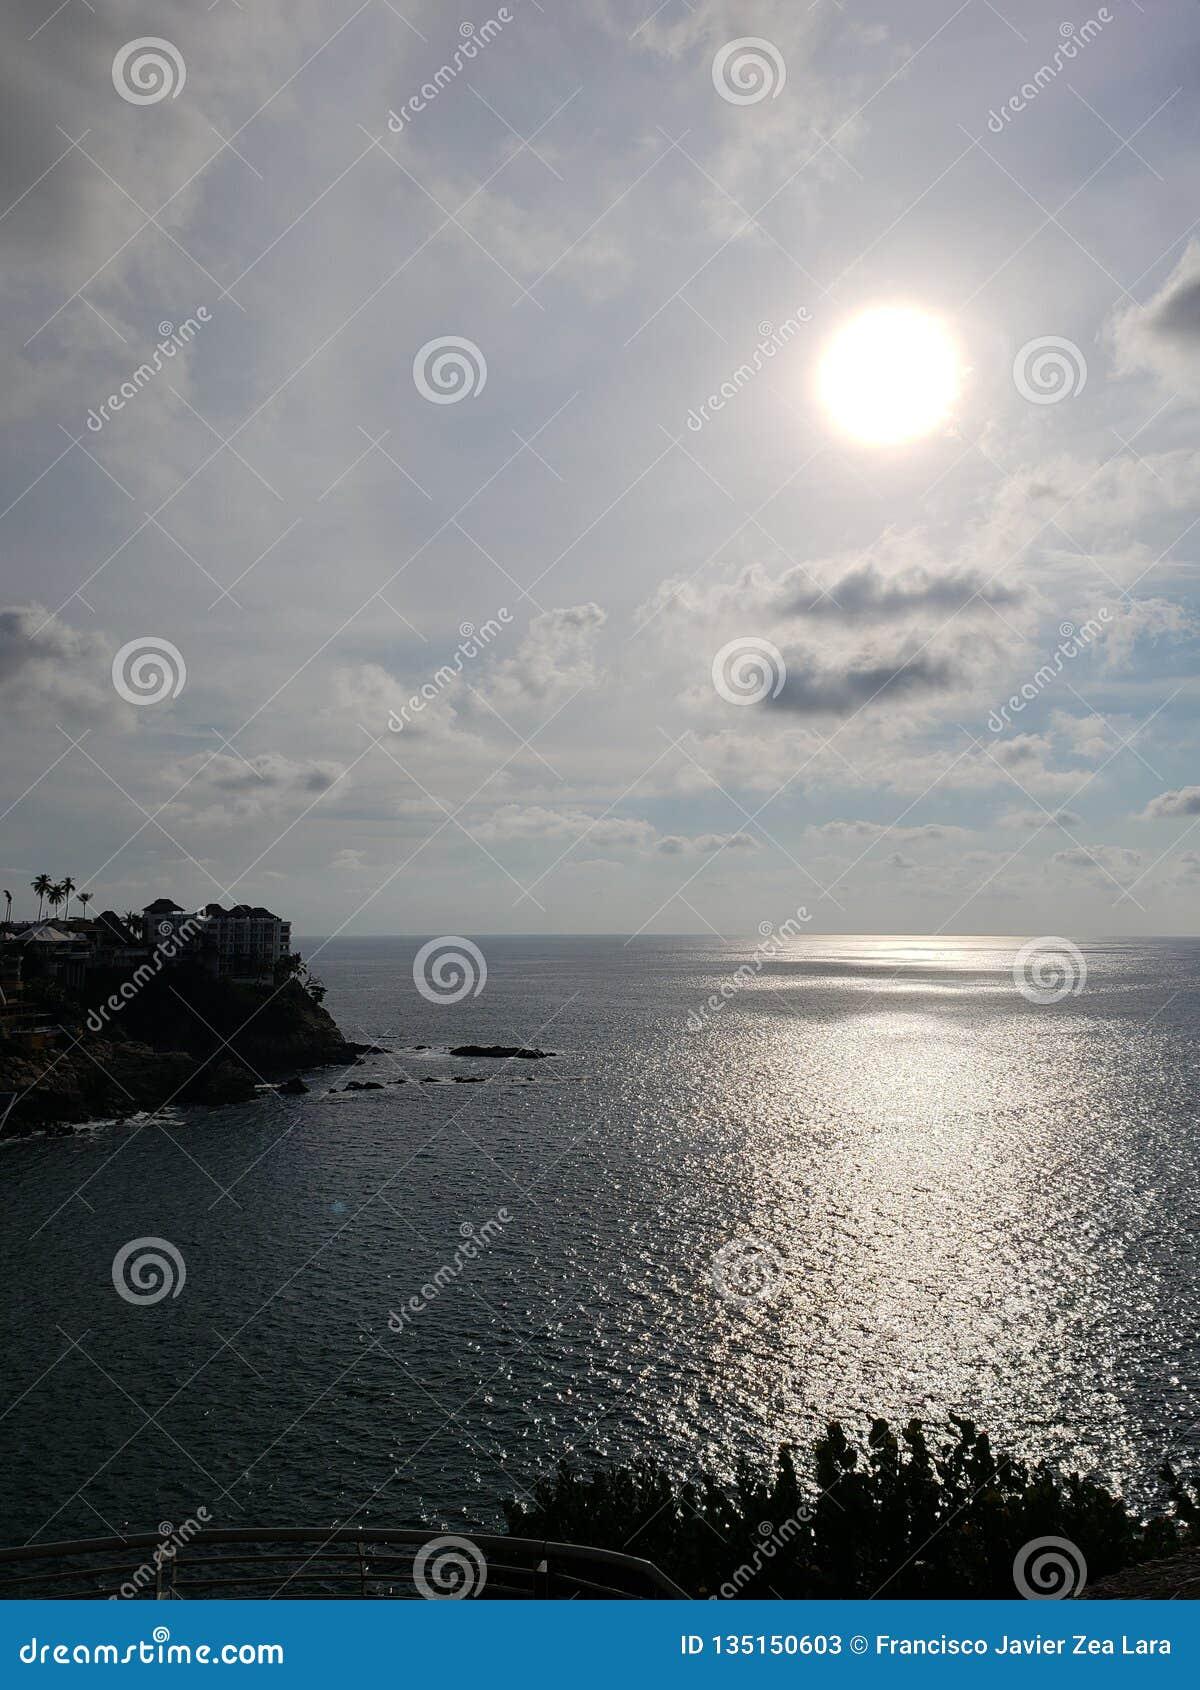 Tropische Landschaft mit Reflexion der Sonne im Meer, in der Küstenregion von Acapulco, Mexiko